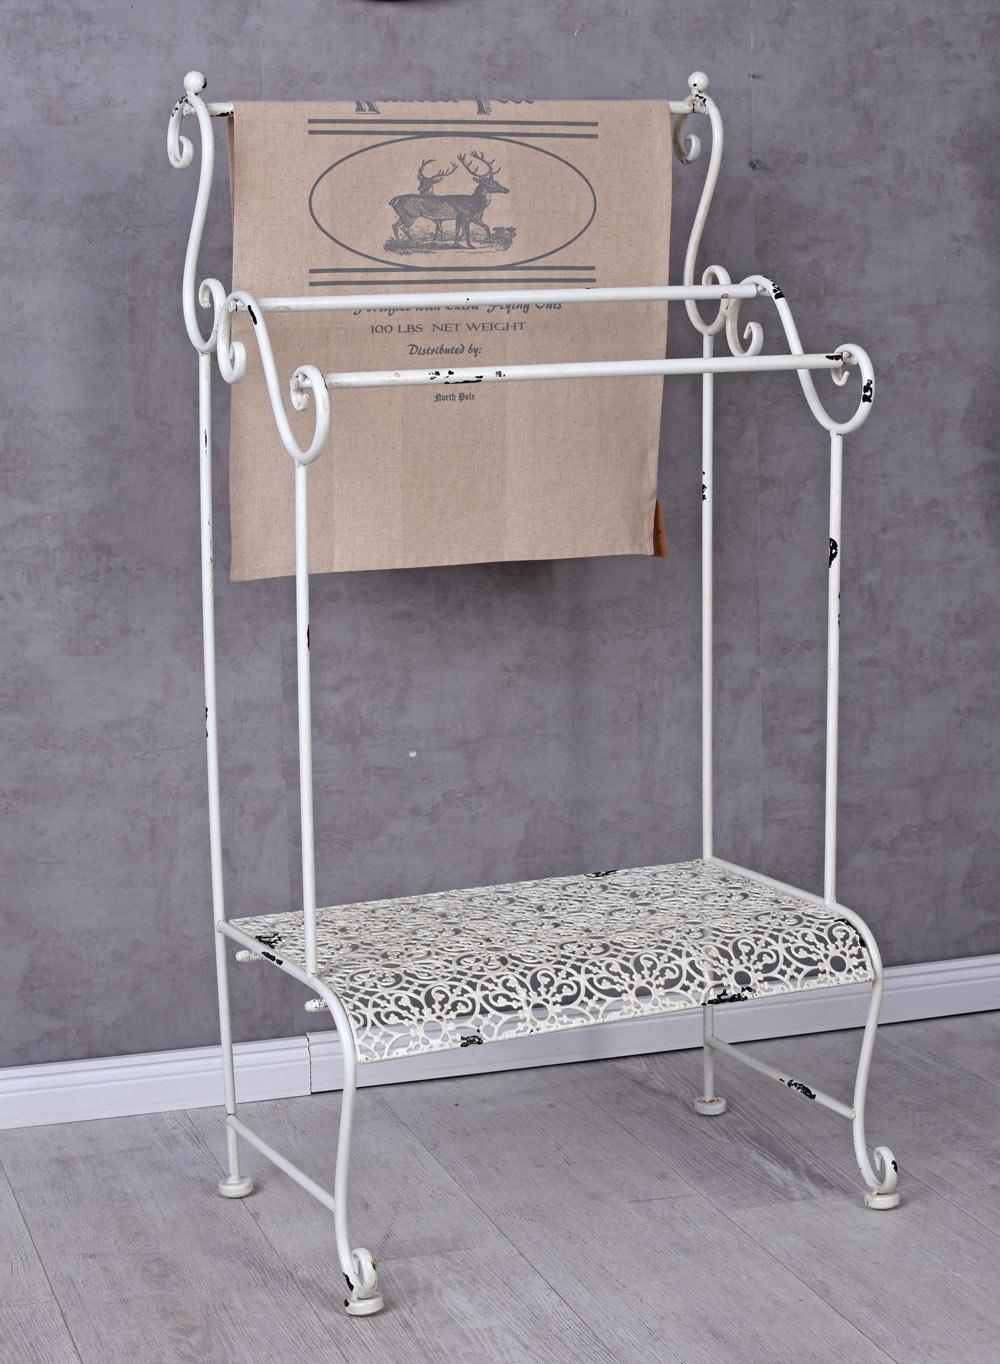 Handtuchst nder landhausstil handtuchhalter handtuchstange metallst nder bad ebay - Handtuchhalter landhausstil ...